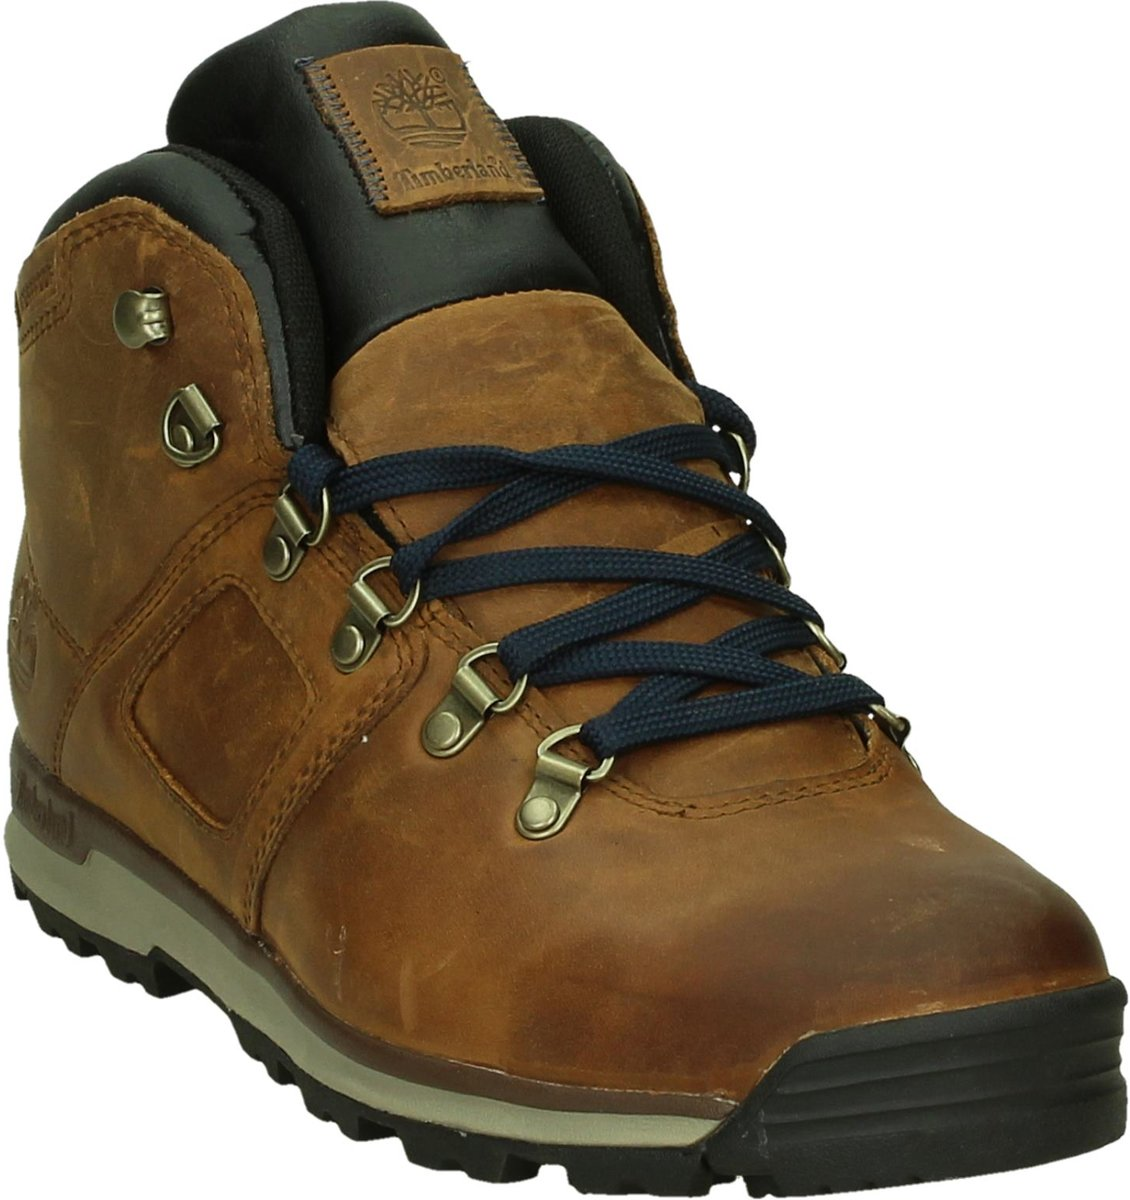 Les Gardiens De La Terre Timberland Bousculent Mi - Chaussures De Marche - Hommes - 43,5 - Marron